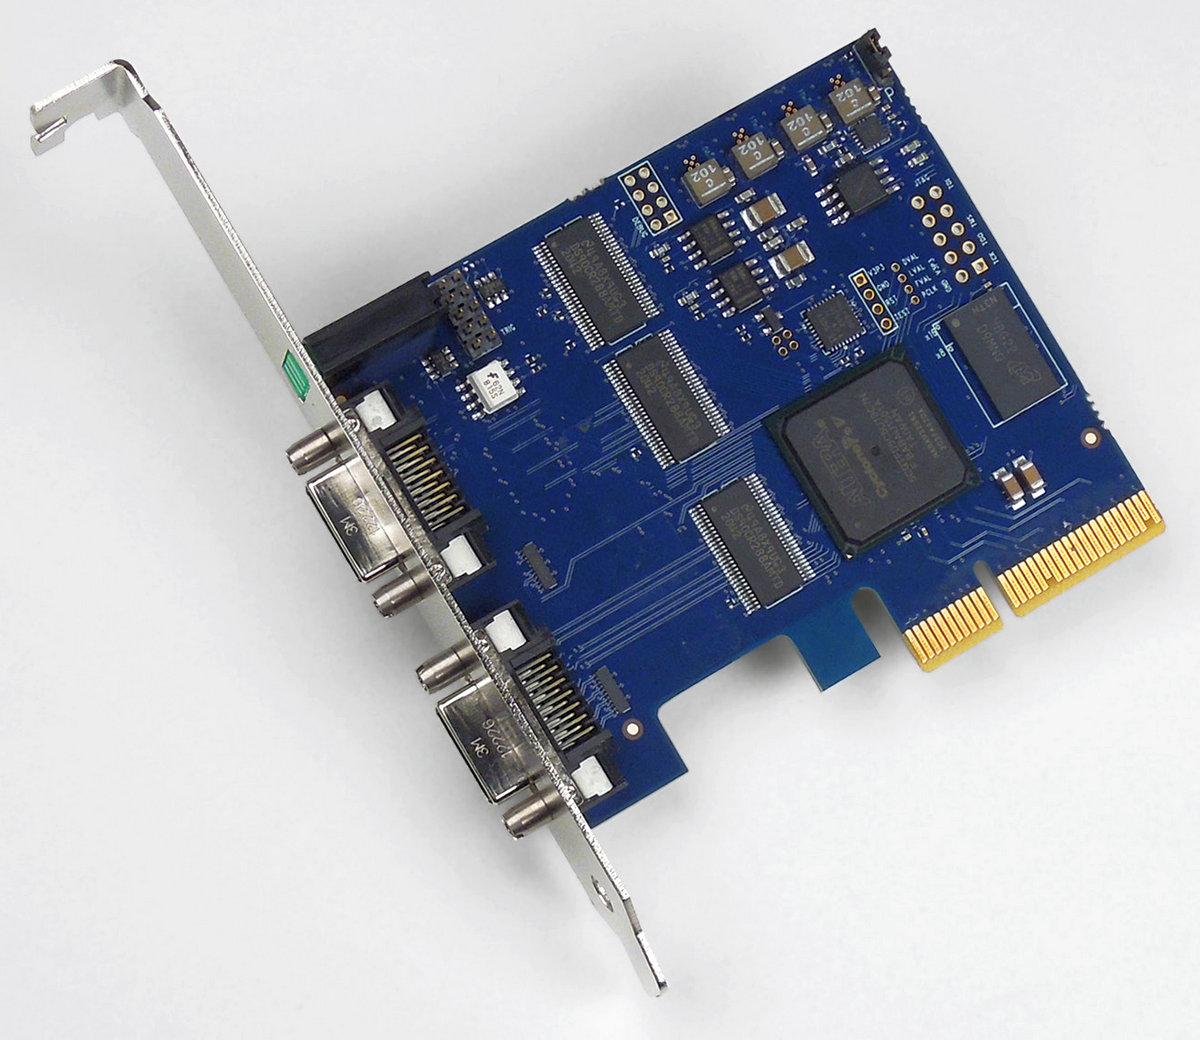 VisionLink F4 Camera Link Framegrabber für PCI Express / x4, 2 Kameras